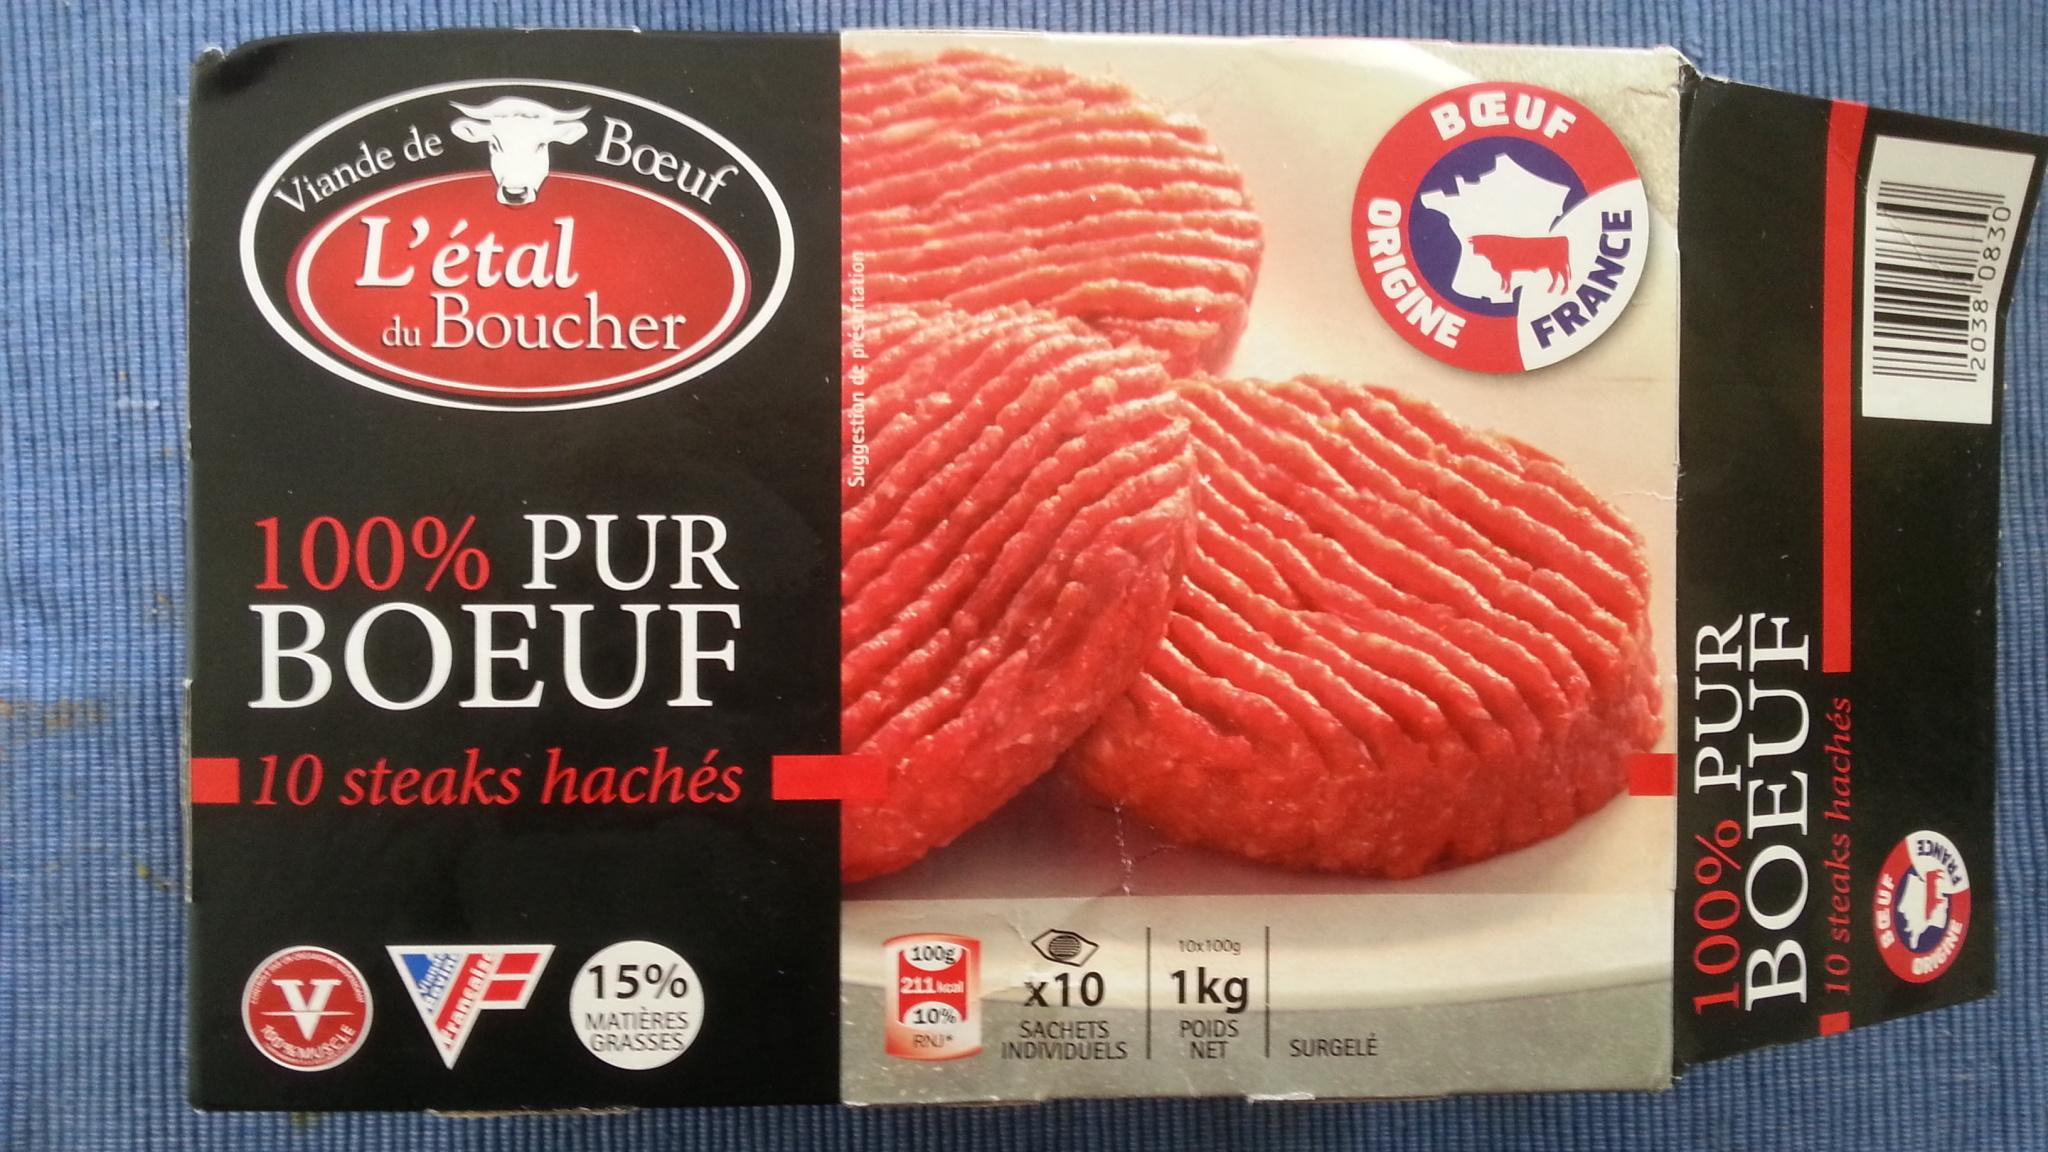 10 steaks hachés 100% pur boeuf 15% MG - Produit